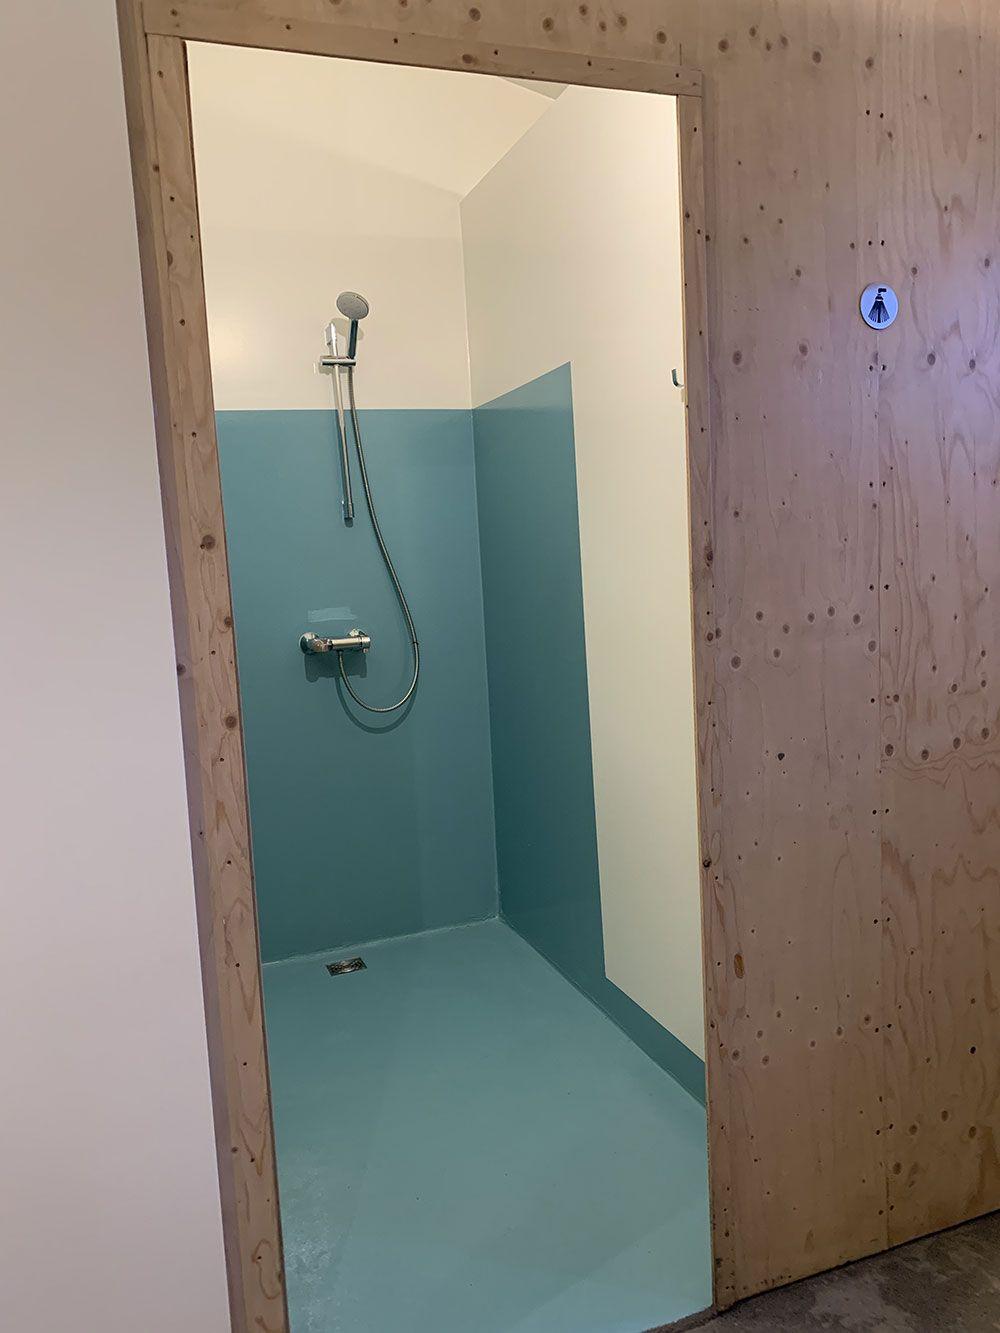 Alojamiento en Islandia - Havarí Hostel - Duchas